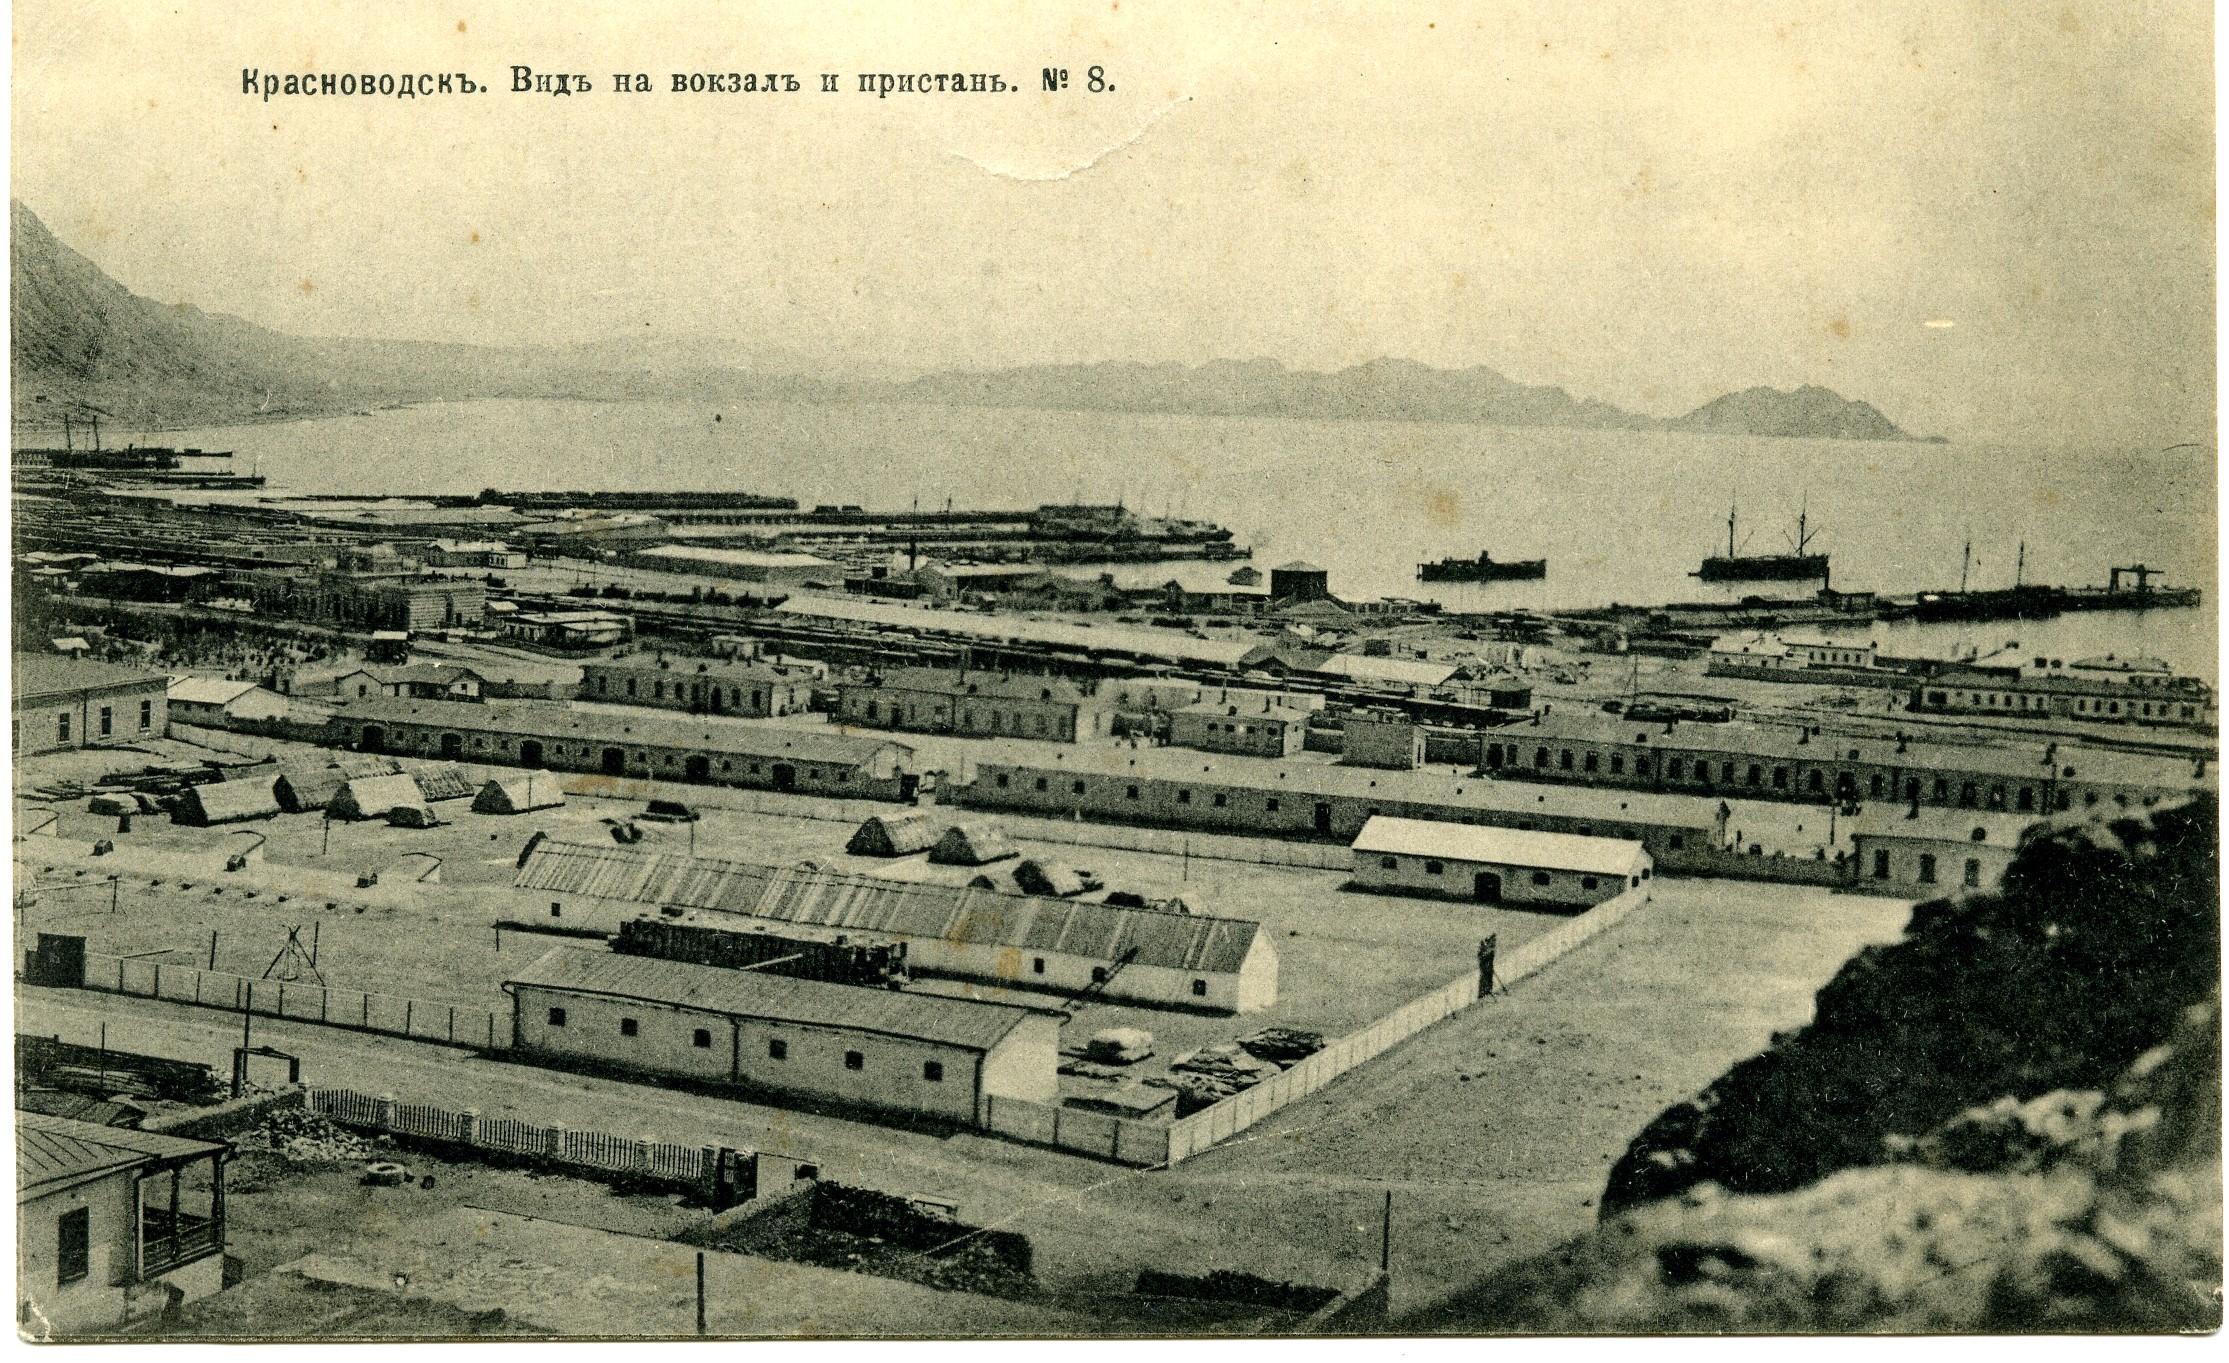 Вид на вокзал и пристань